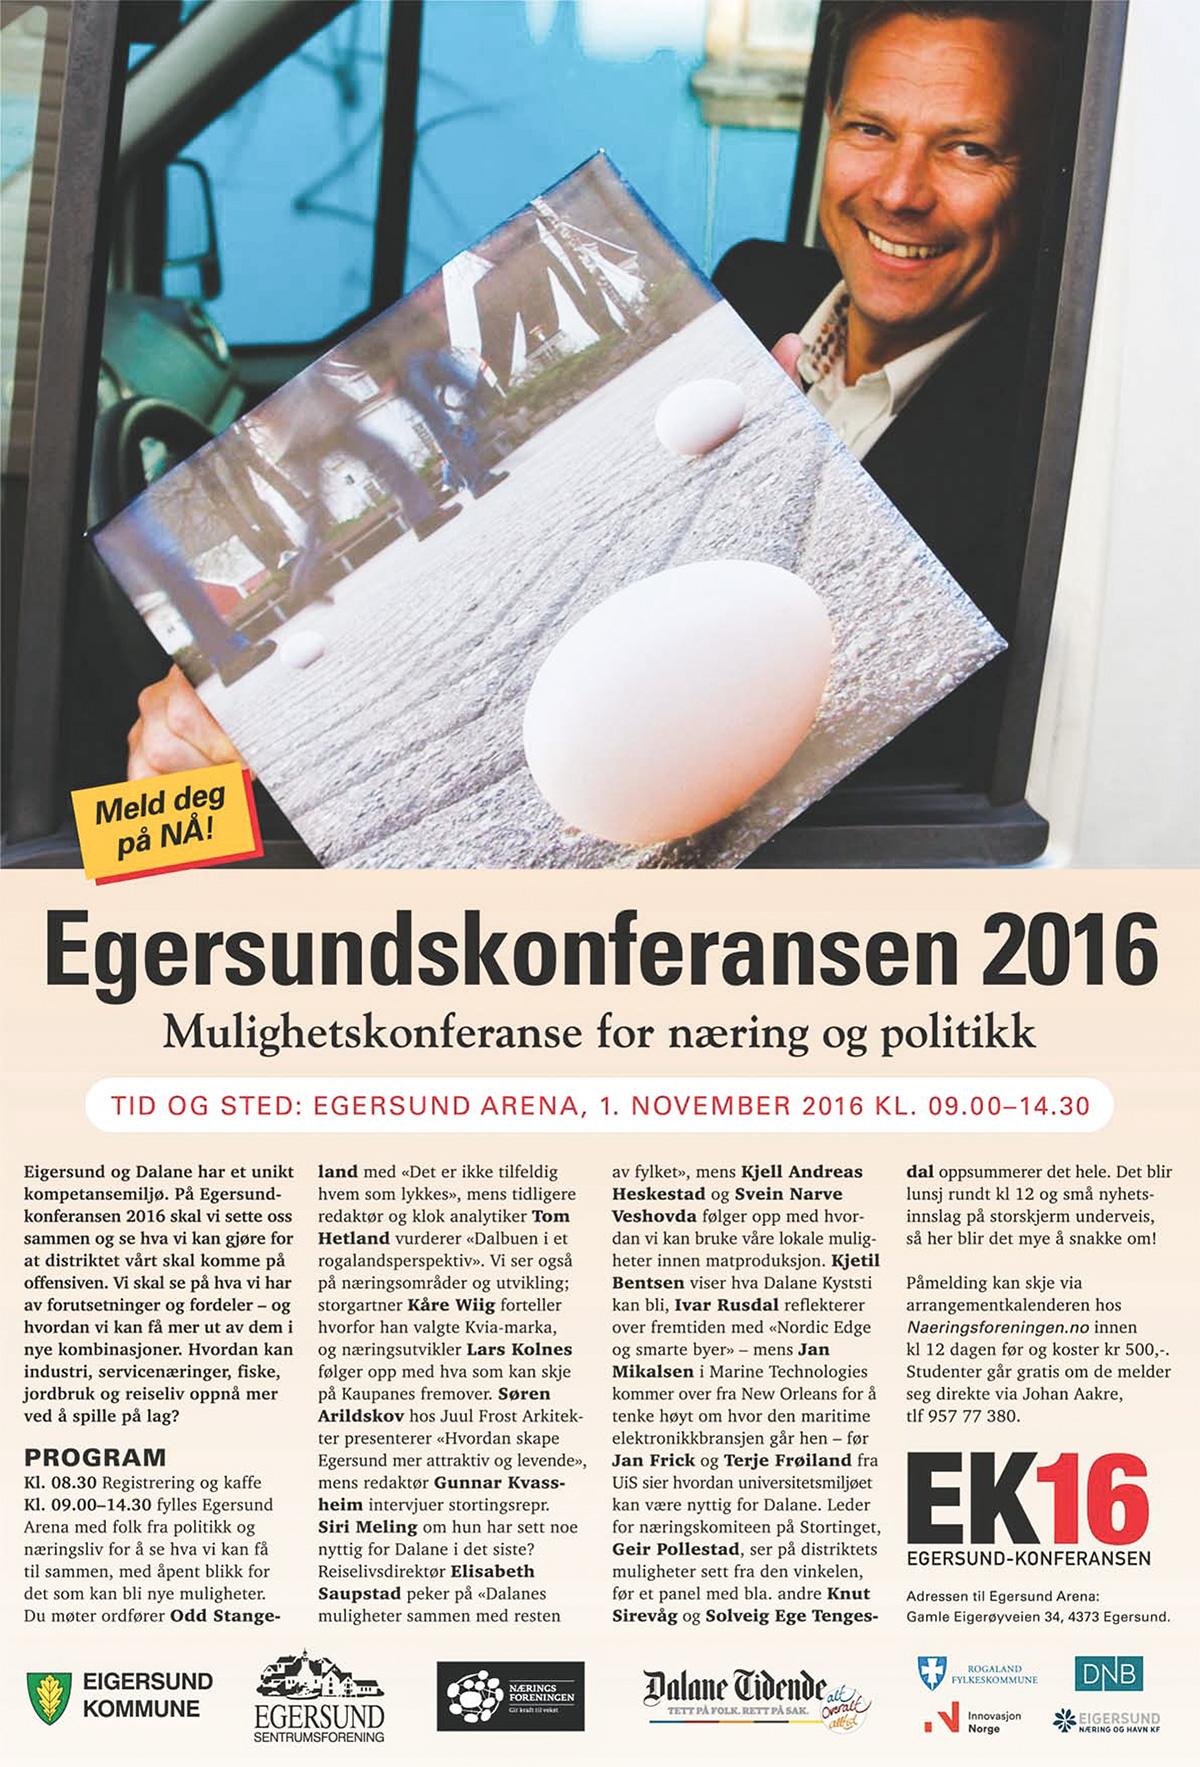 Egertsundskonferansen-plakat.jpg